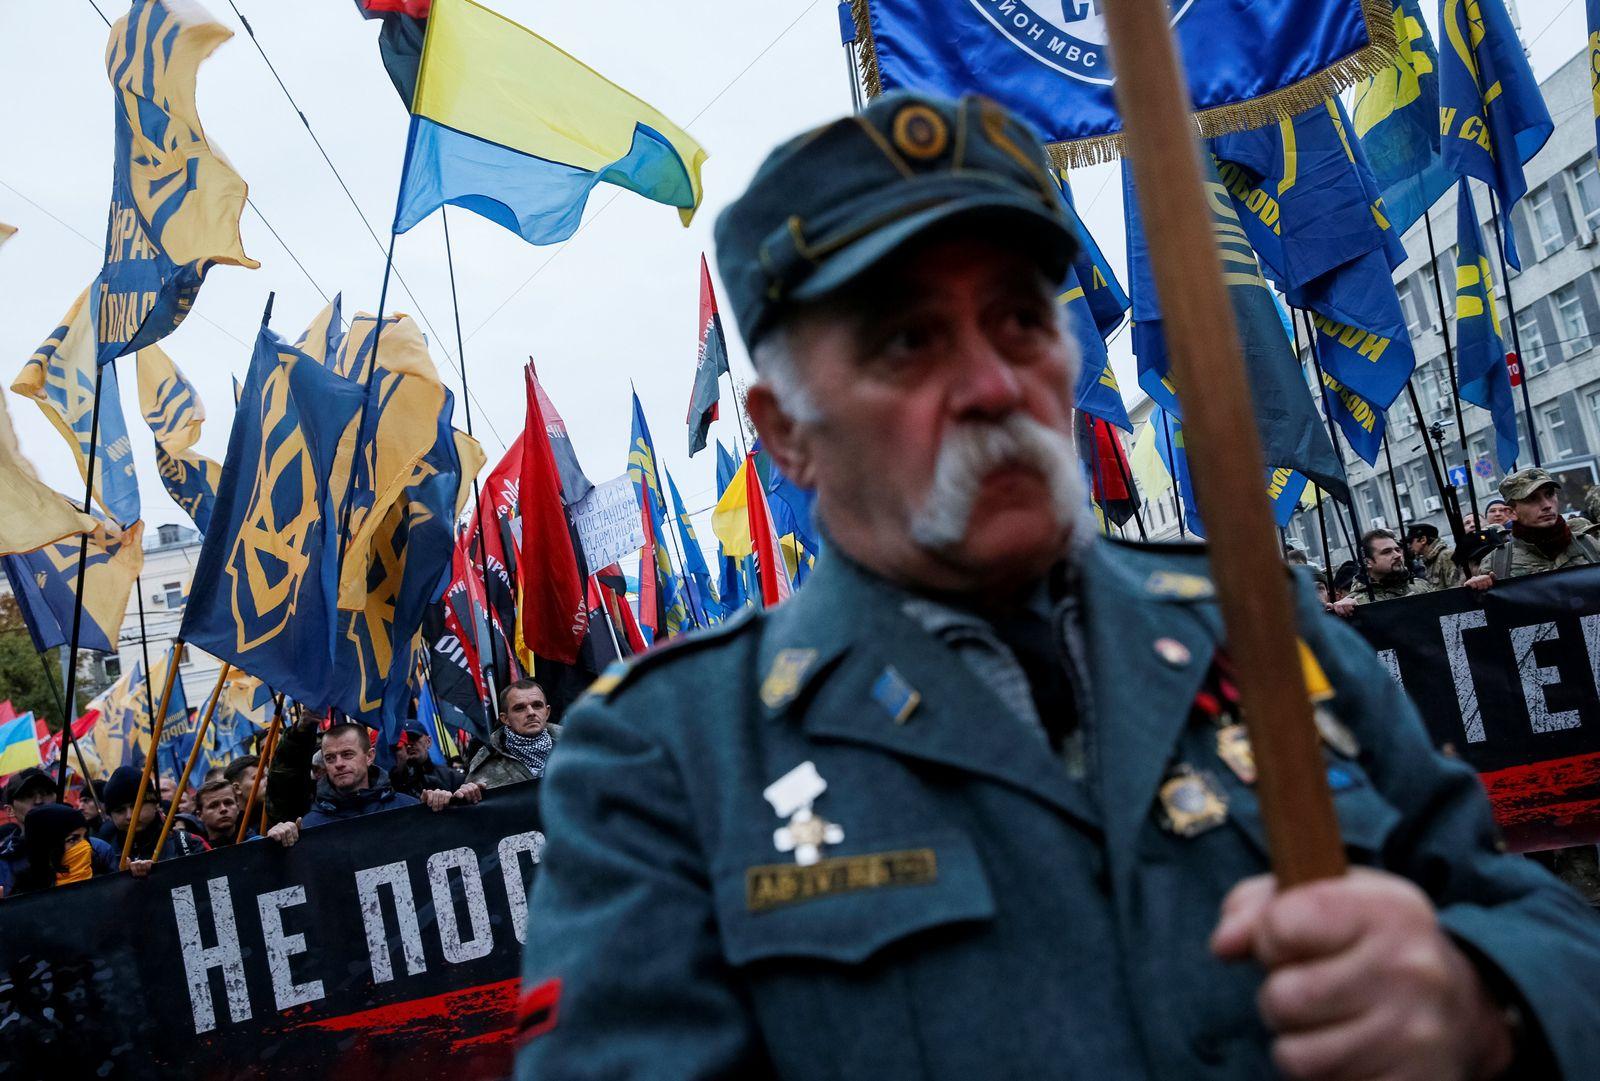 UKRAINE-ANNIVERSARY/